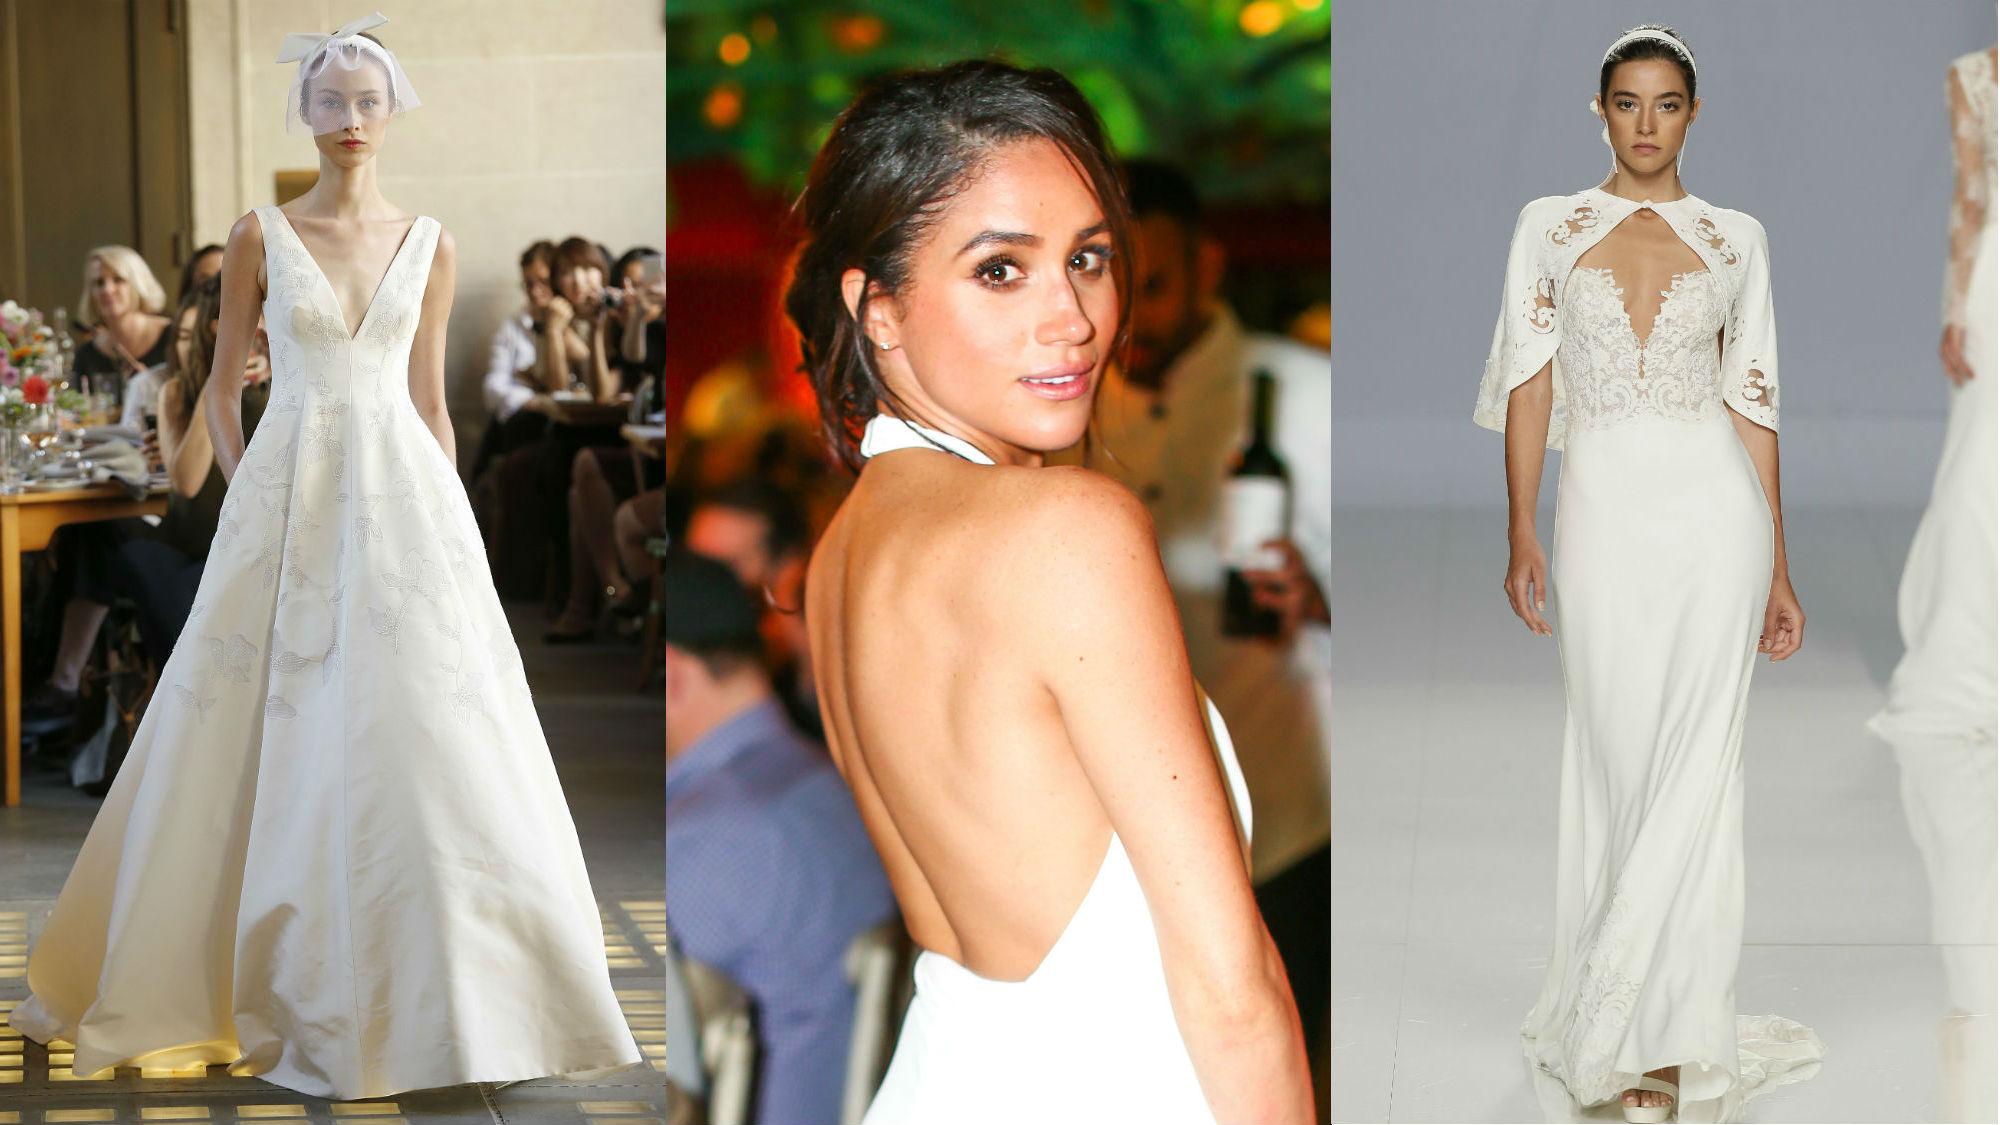 Unsere letzte Vermutung: Wird die Brautkleid-Designerin von Meghan Ideen